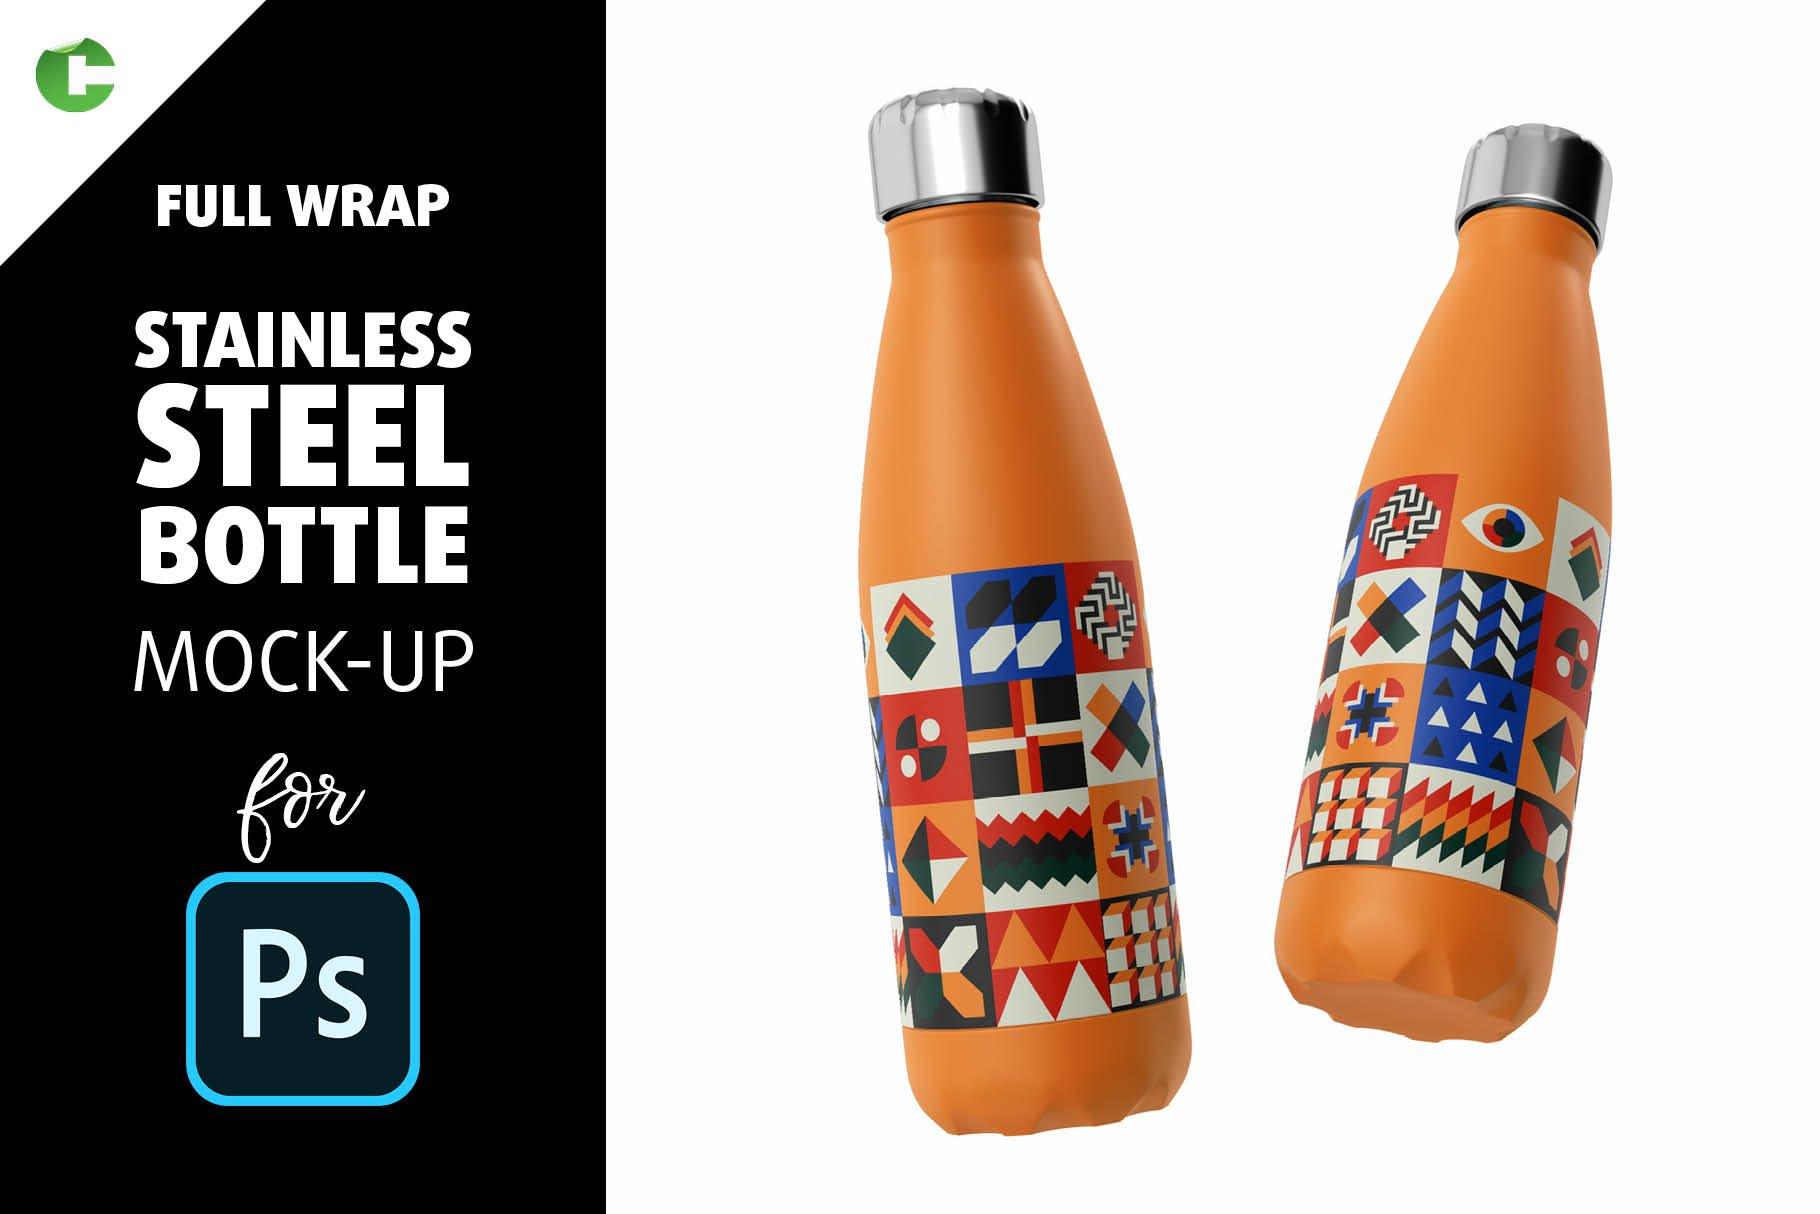 时尚不锈钢保温水瓶外观设计PS贴图样机 Stainless Steel Bottle Mock-up插图